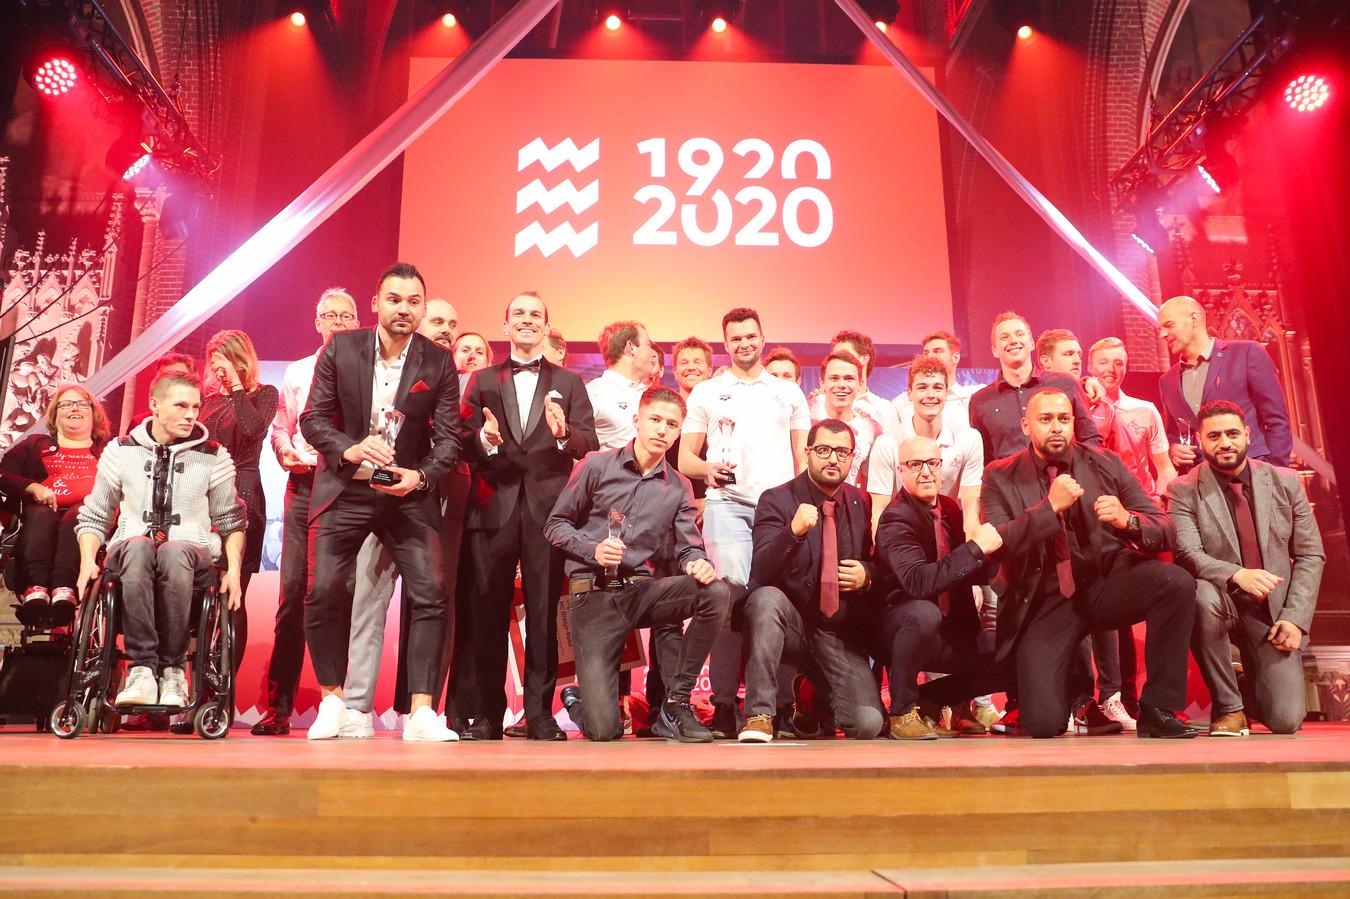 Huldiging van de Eindhovense sportkampioenen, afgelopen maandag.